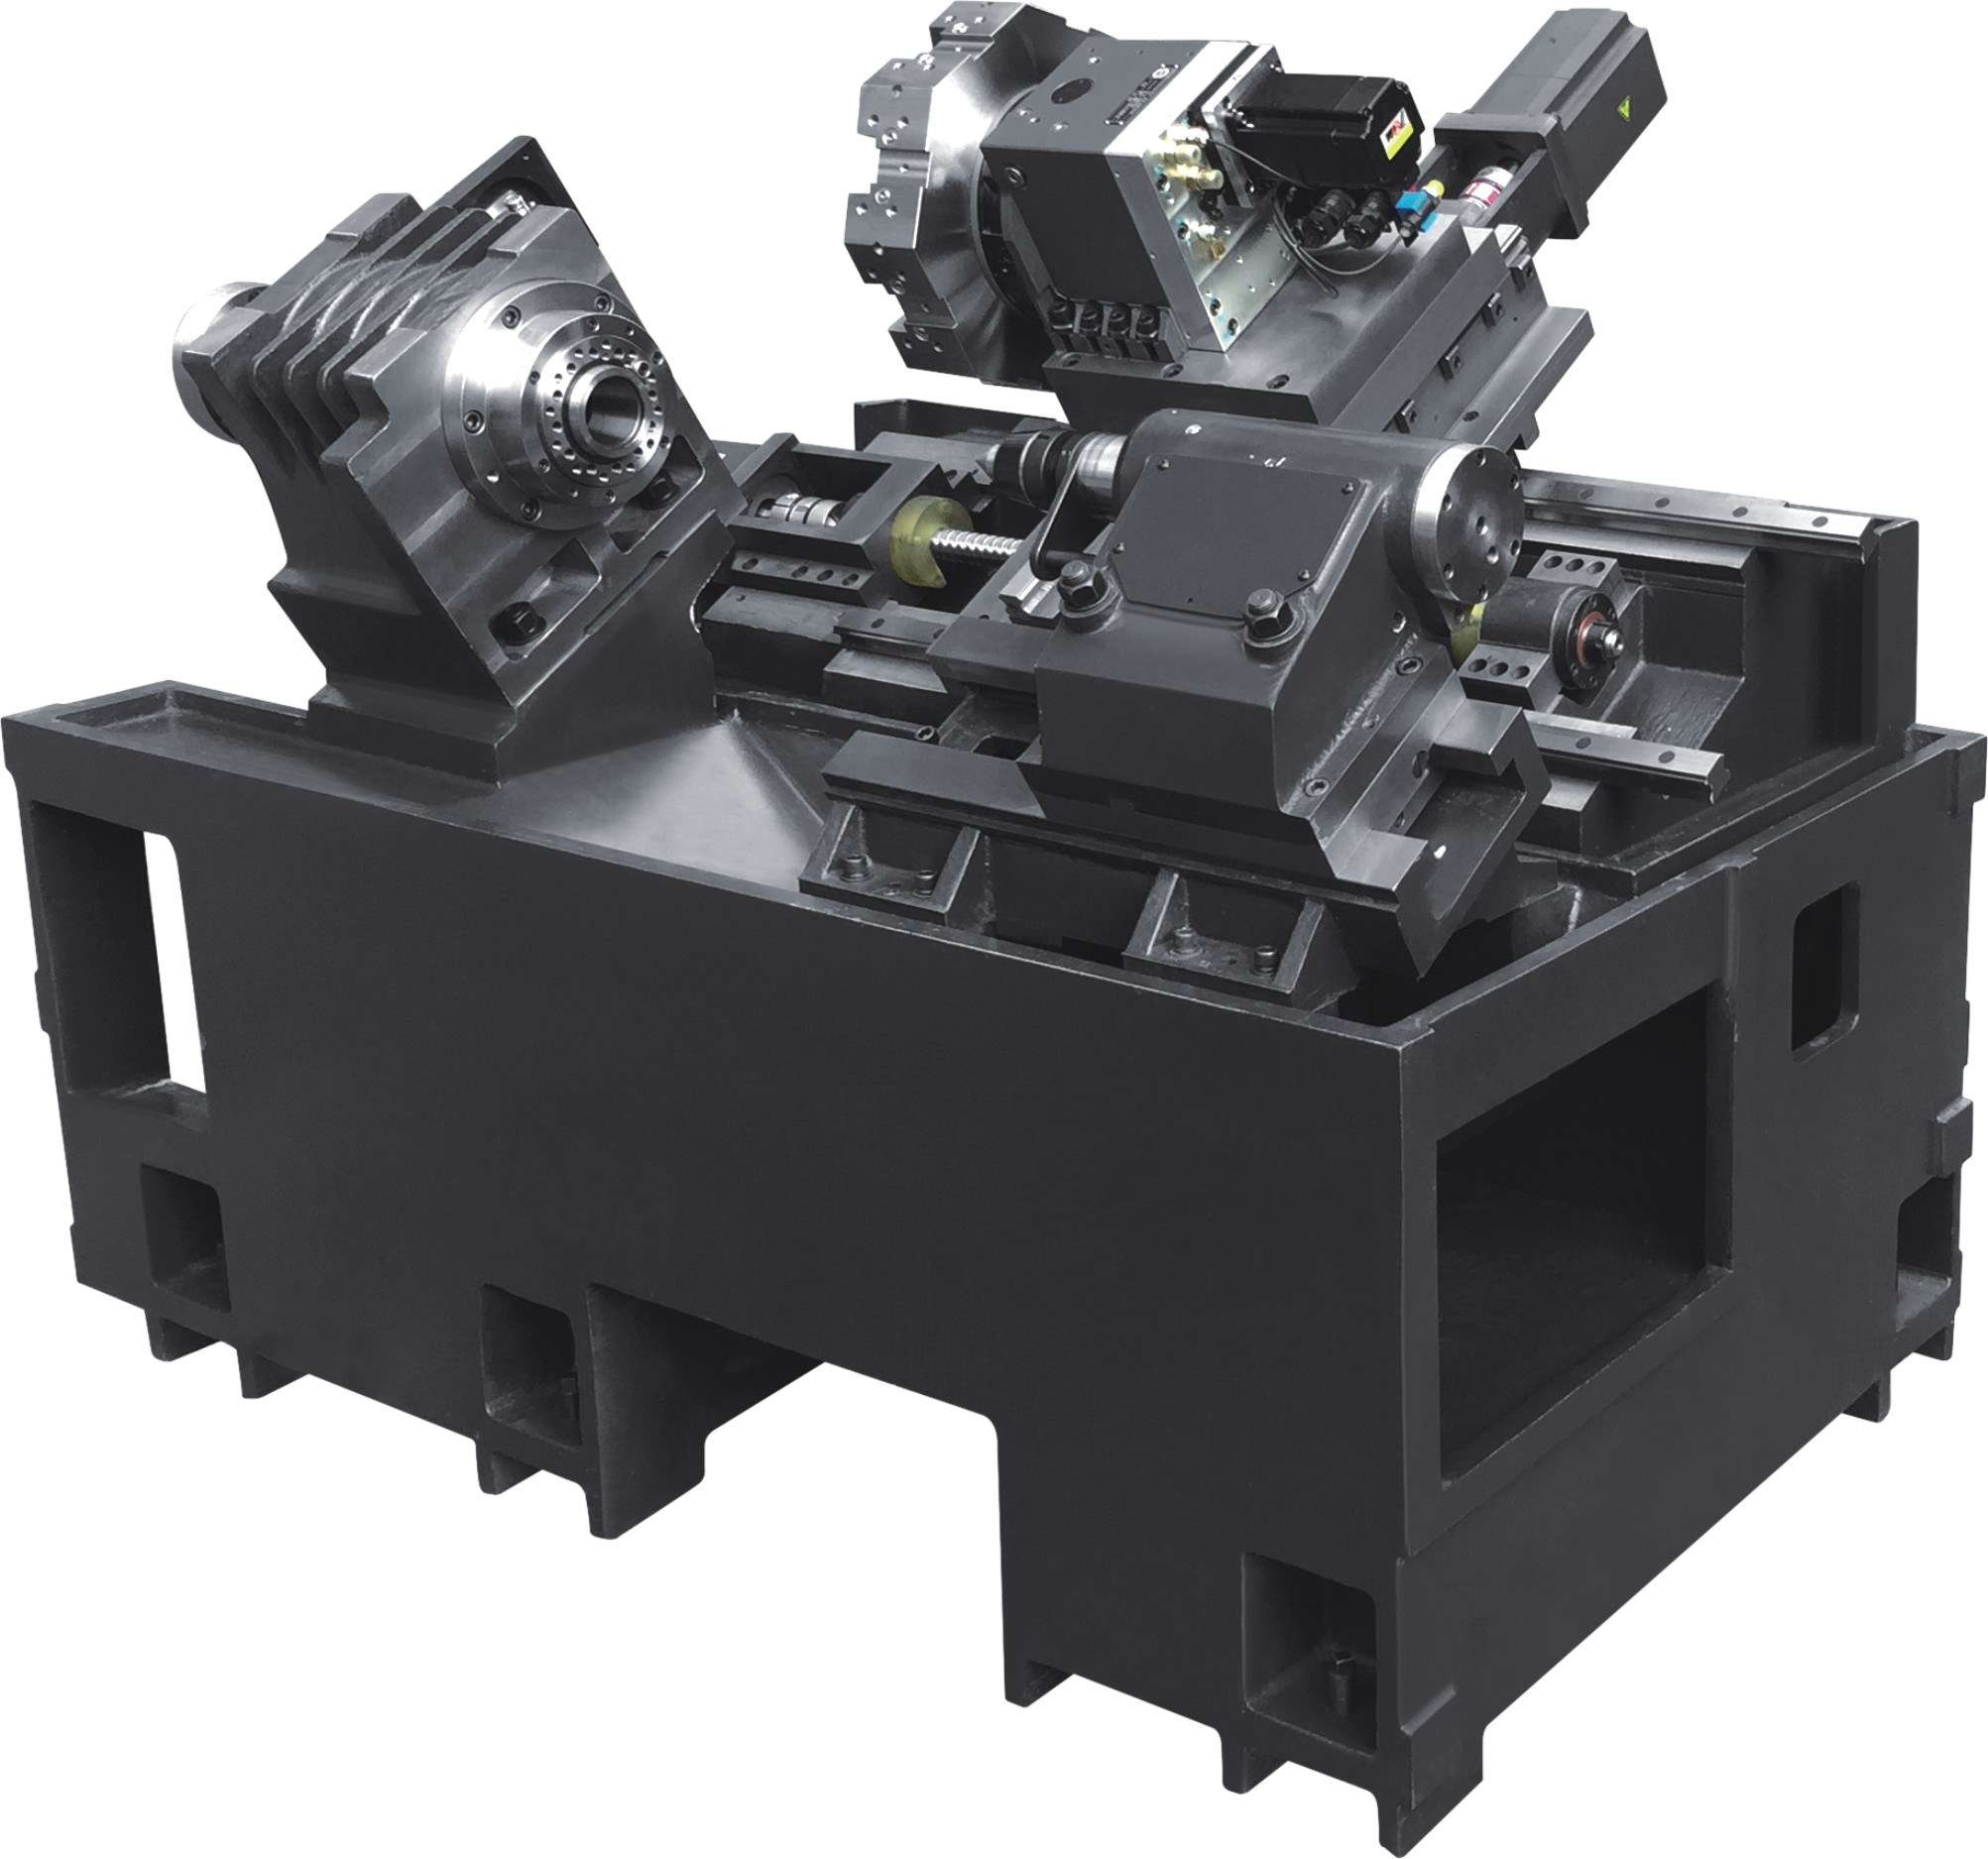 Bl-S40/50 Slant Bed CNC Lathe